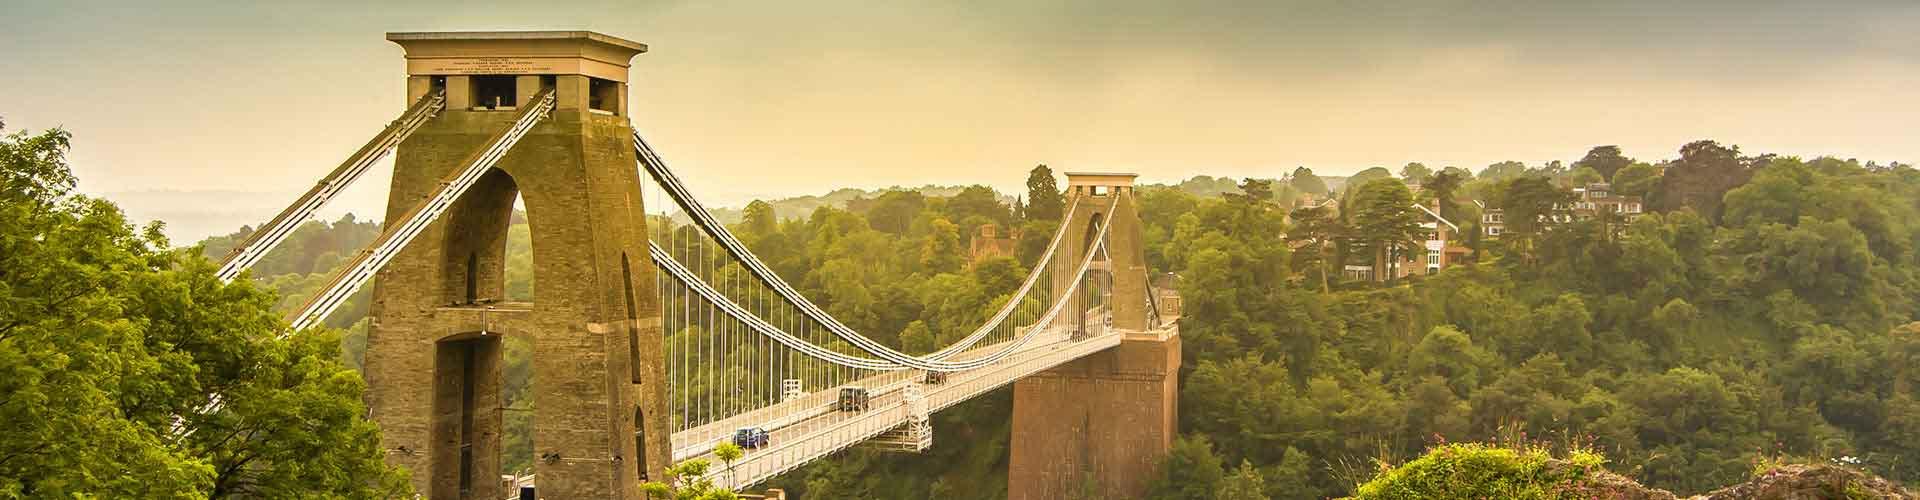 Bristol - Hostelů v Bristol. Mapy pro Bristol, fotky a recenze pro každý hostel v Bristol.